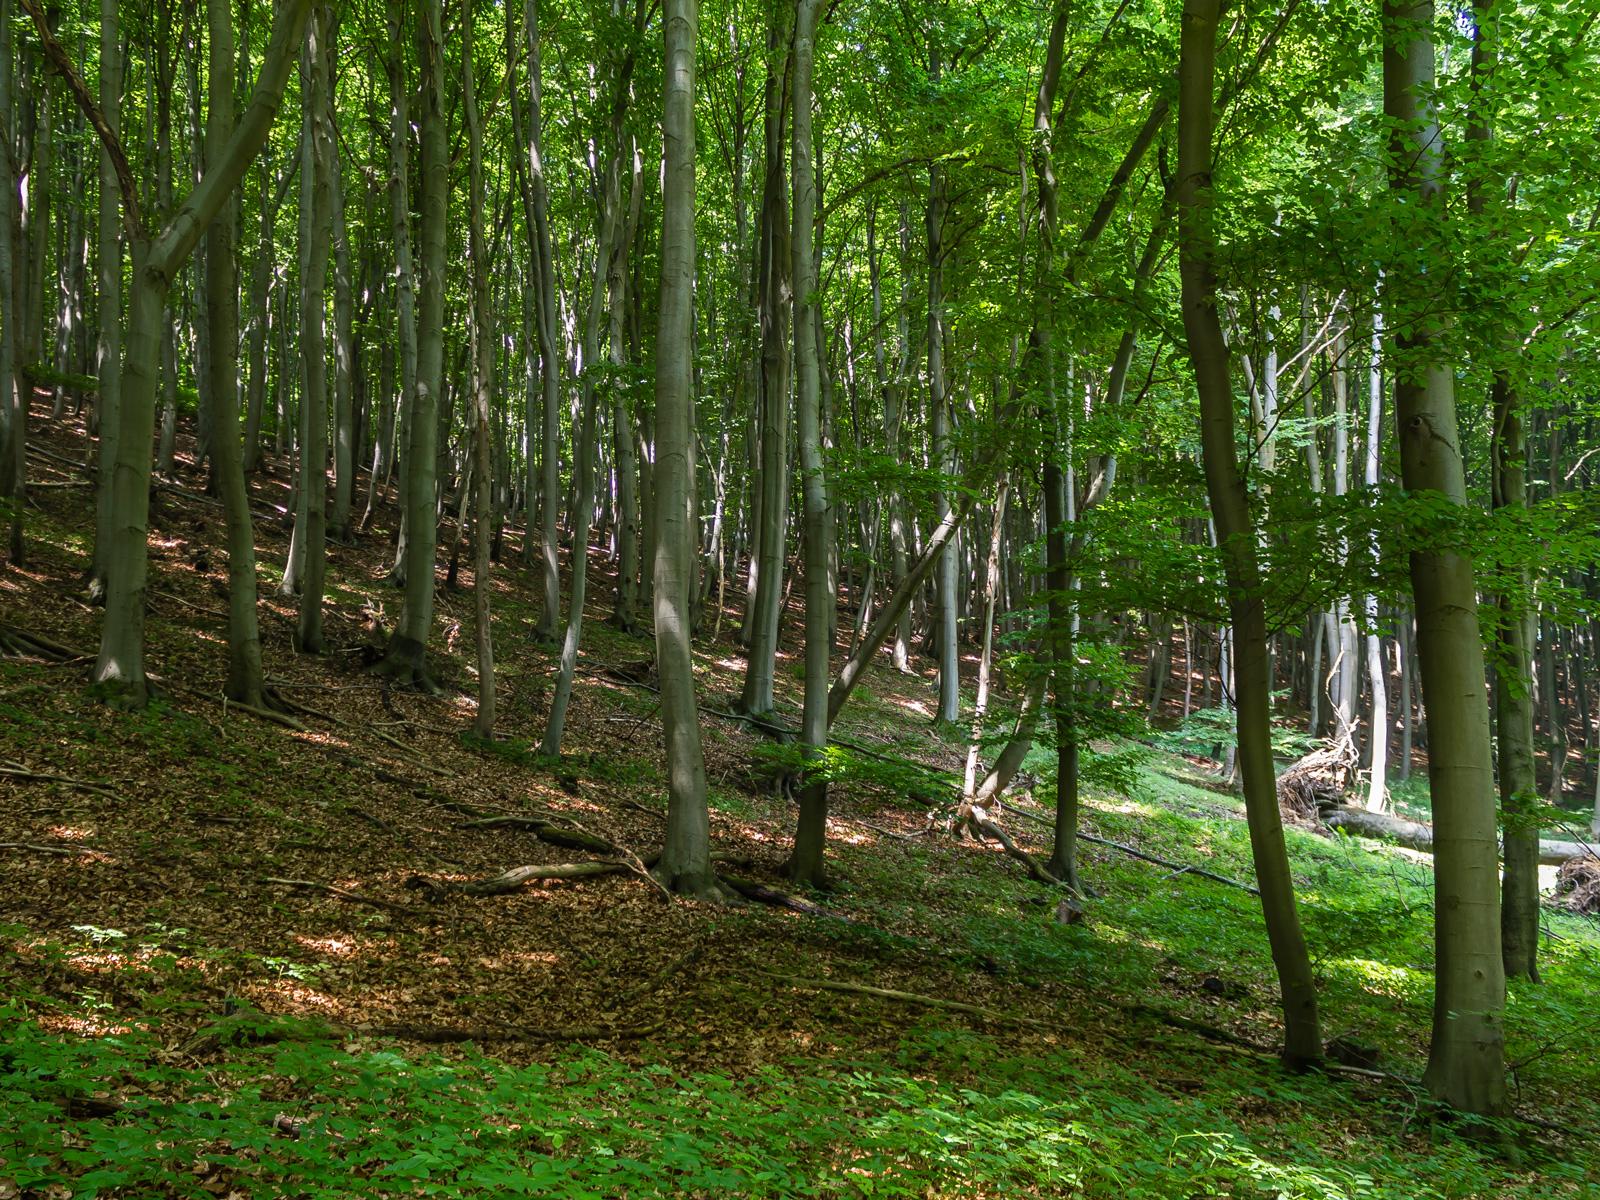 rechts im Bild liegender Totholzbaum